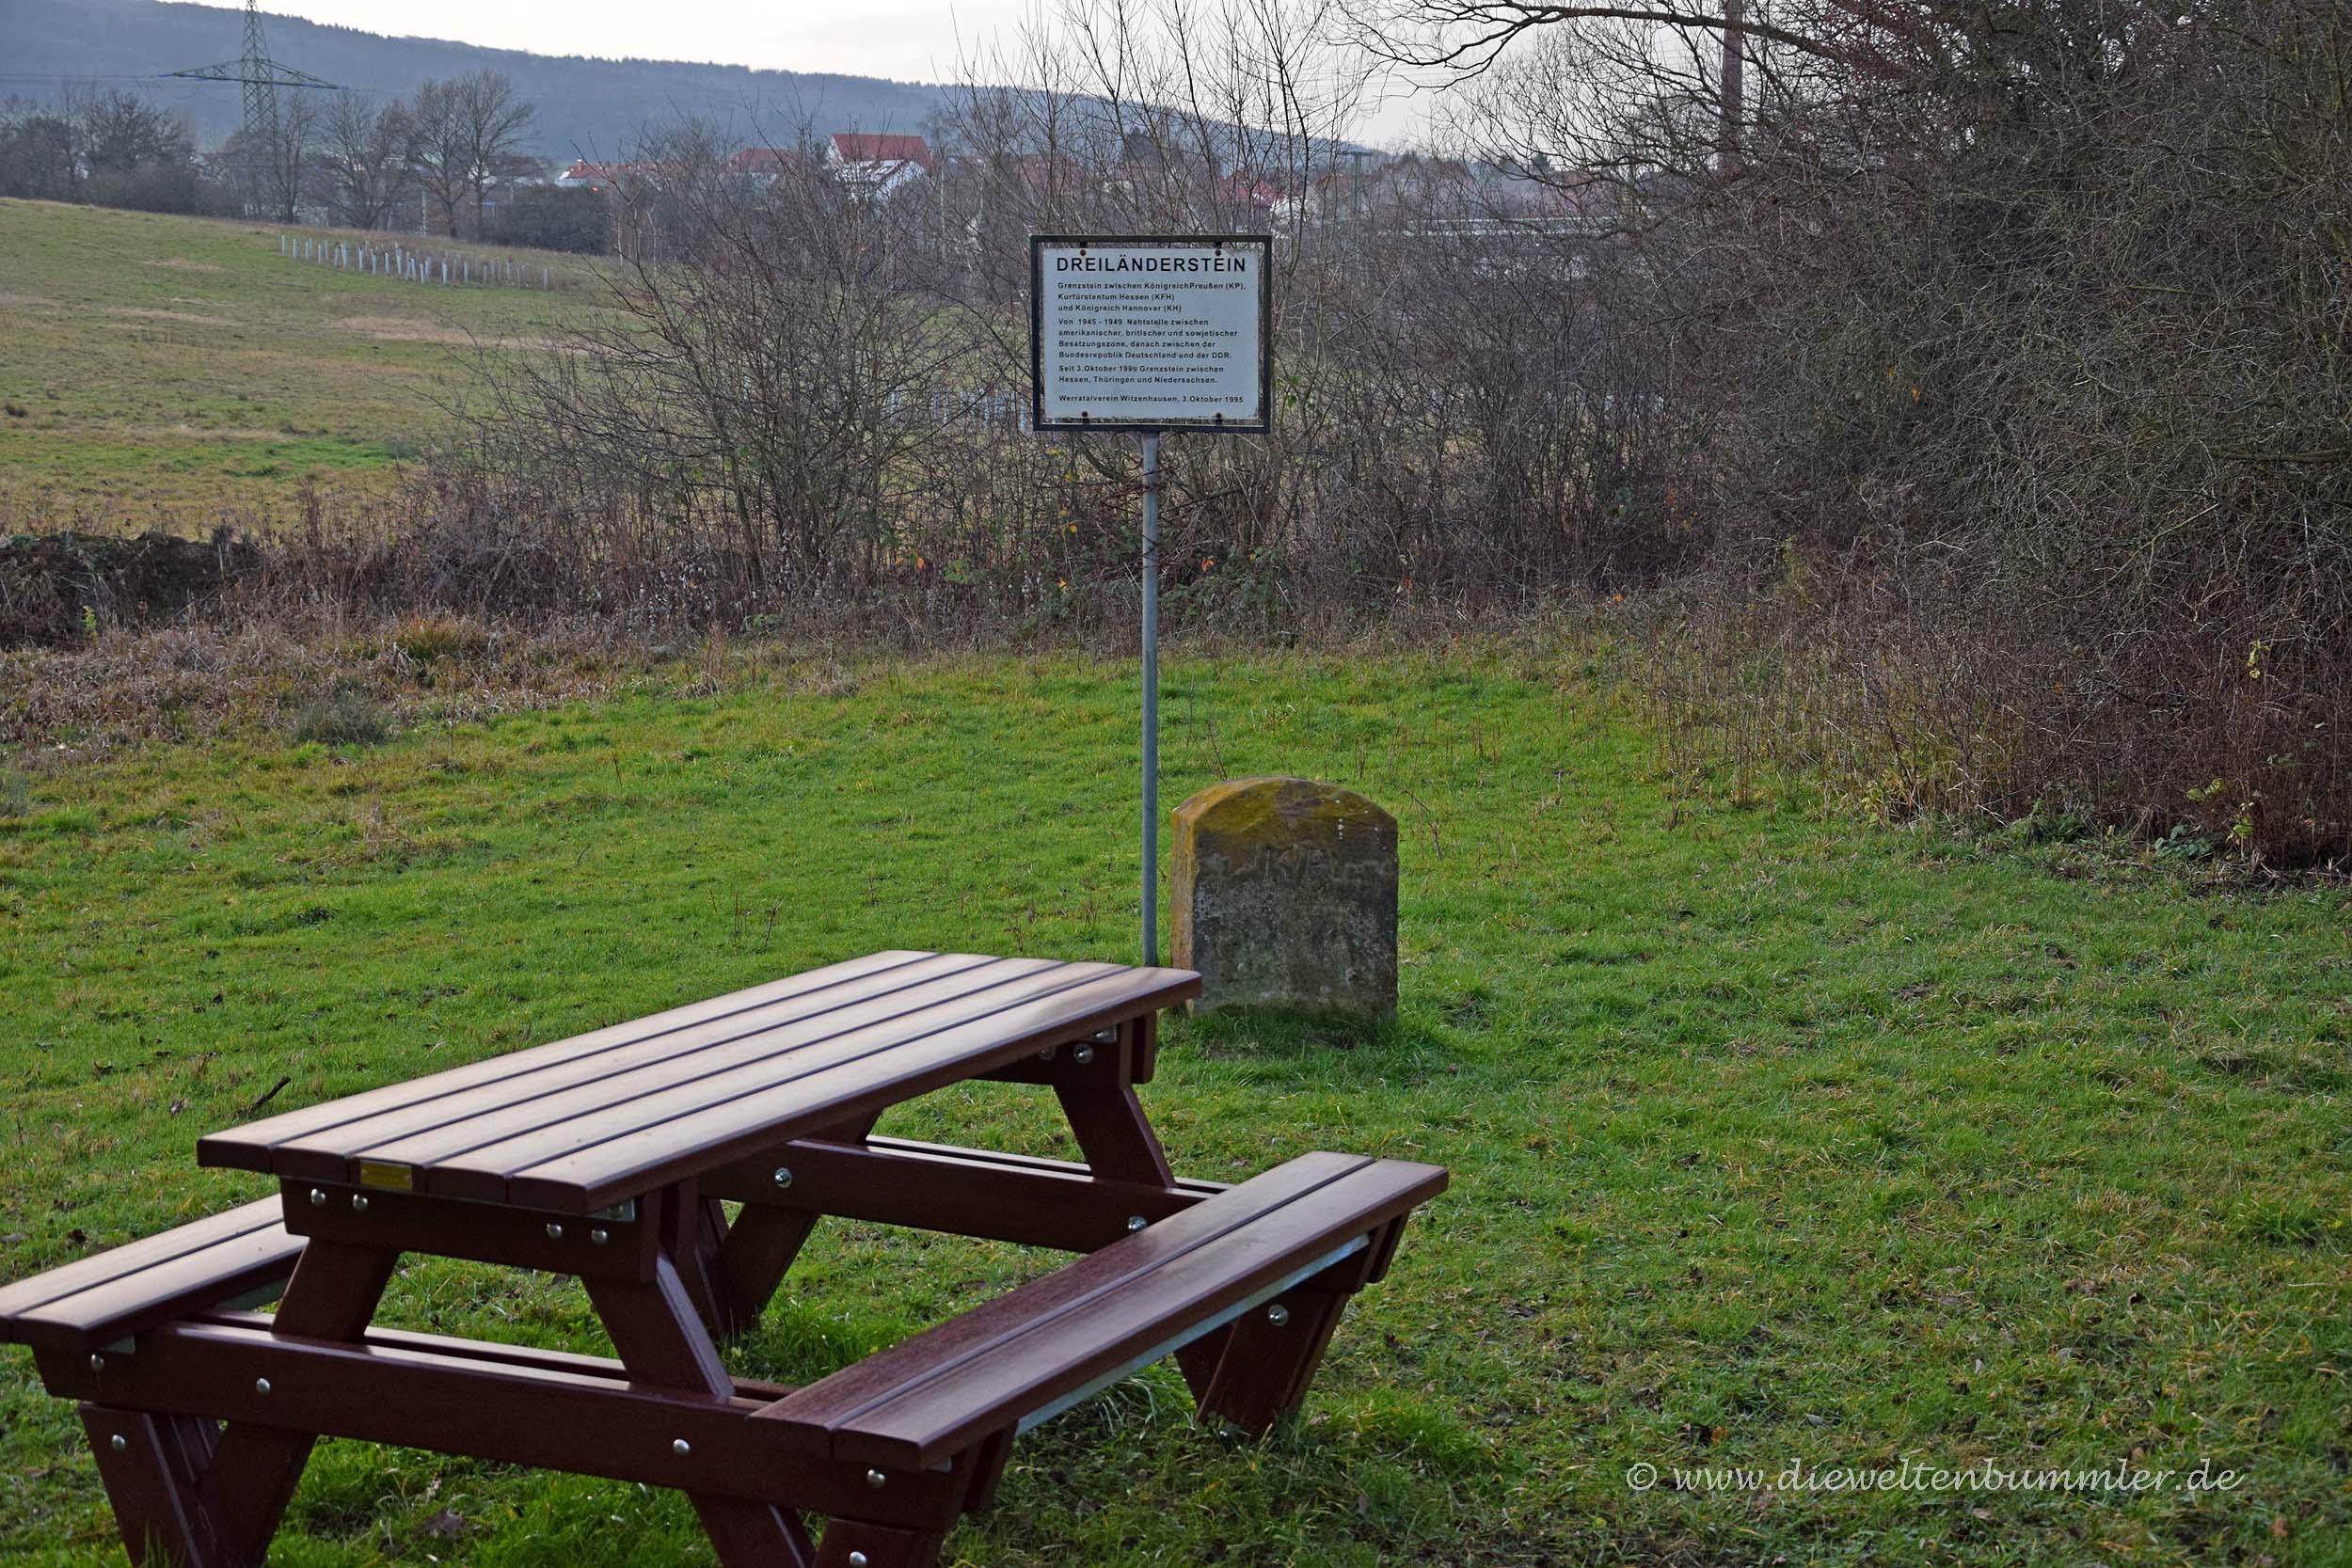 Dreiländerstein Hessen-Niedersachsen-Thüringen